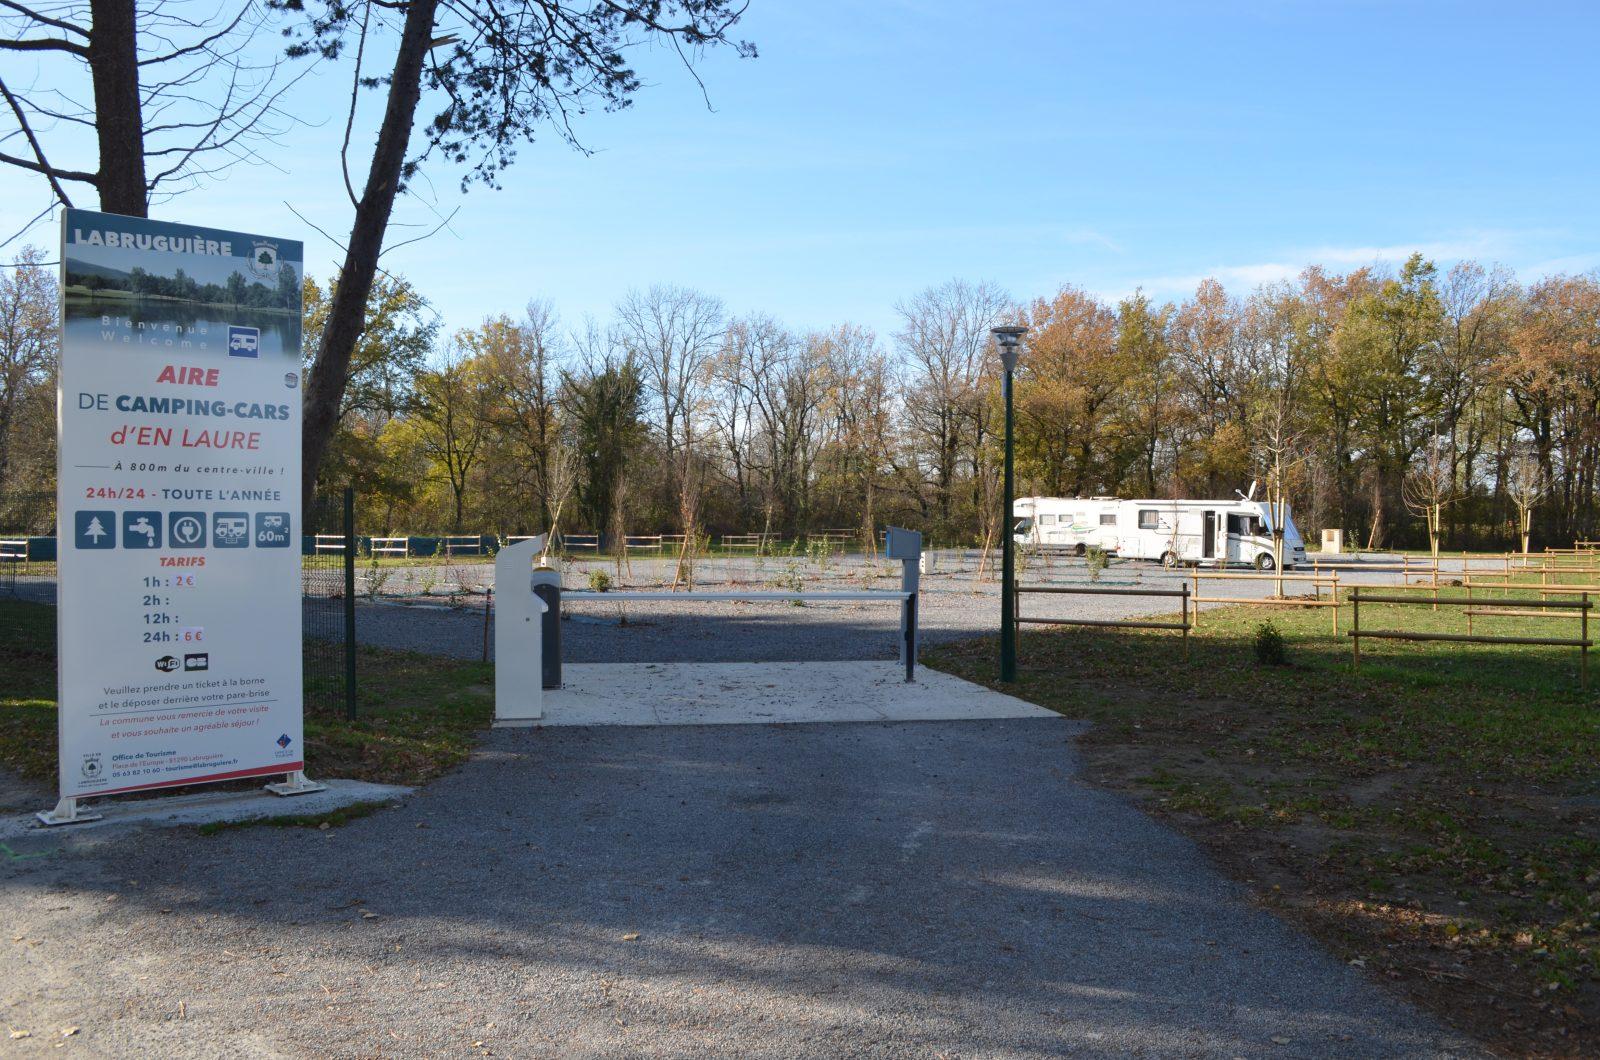 Borne de Services et Aire de Stationnement Camping-Car de Labruguière